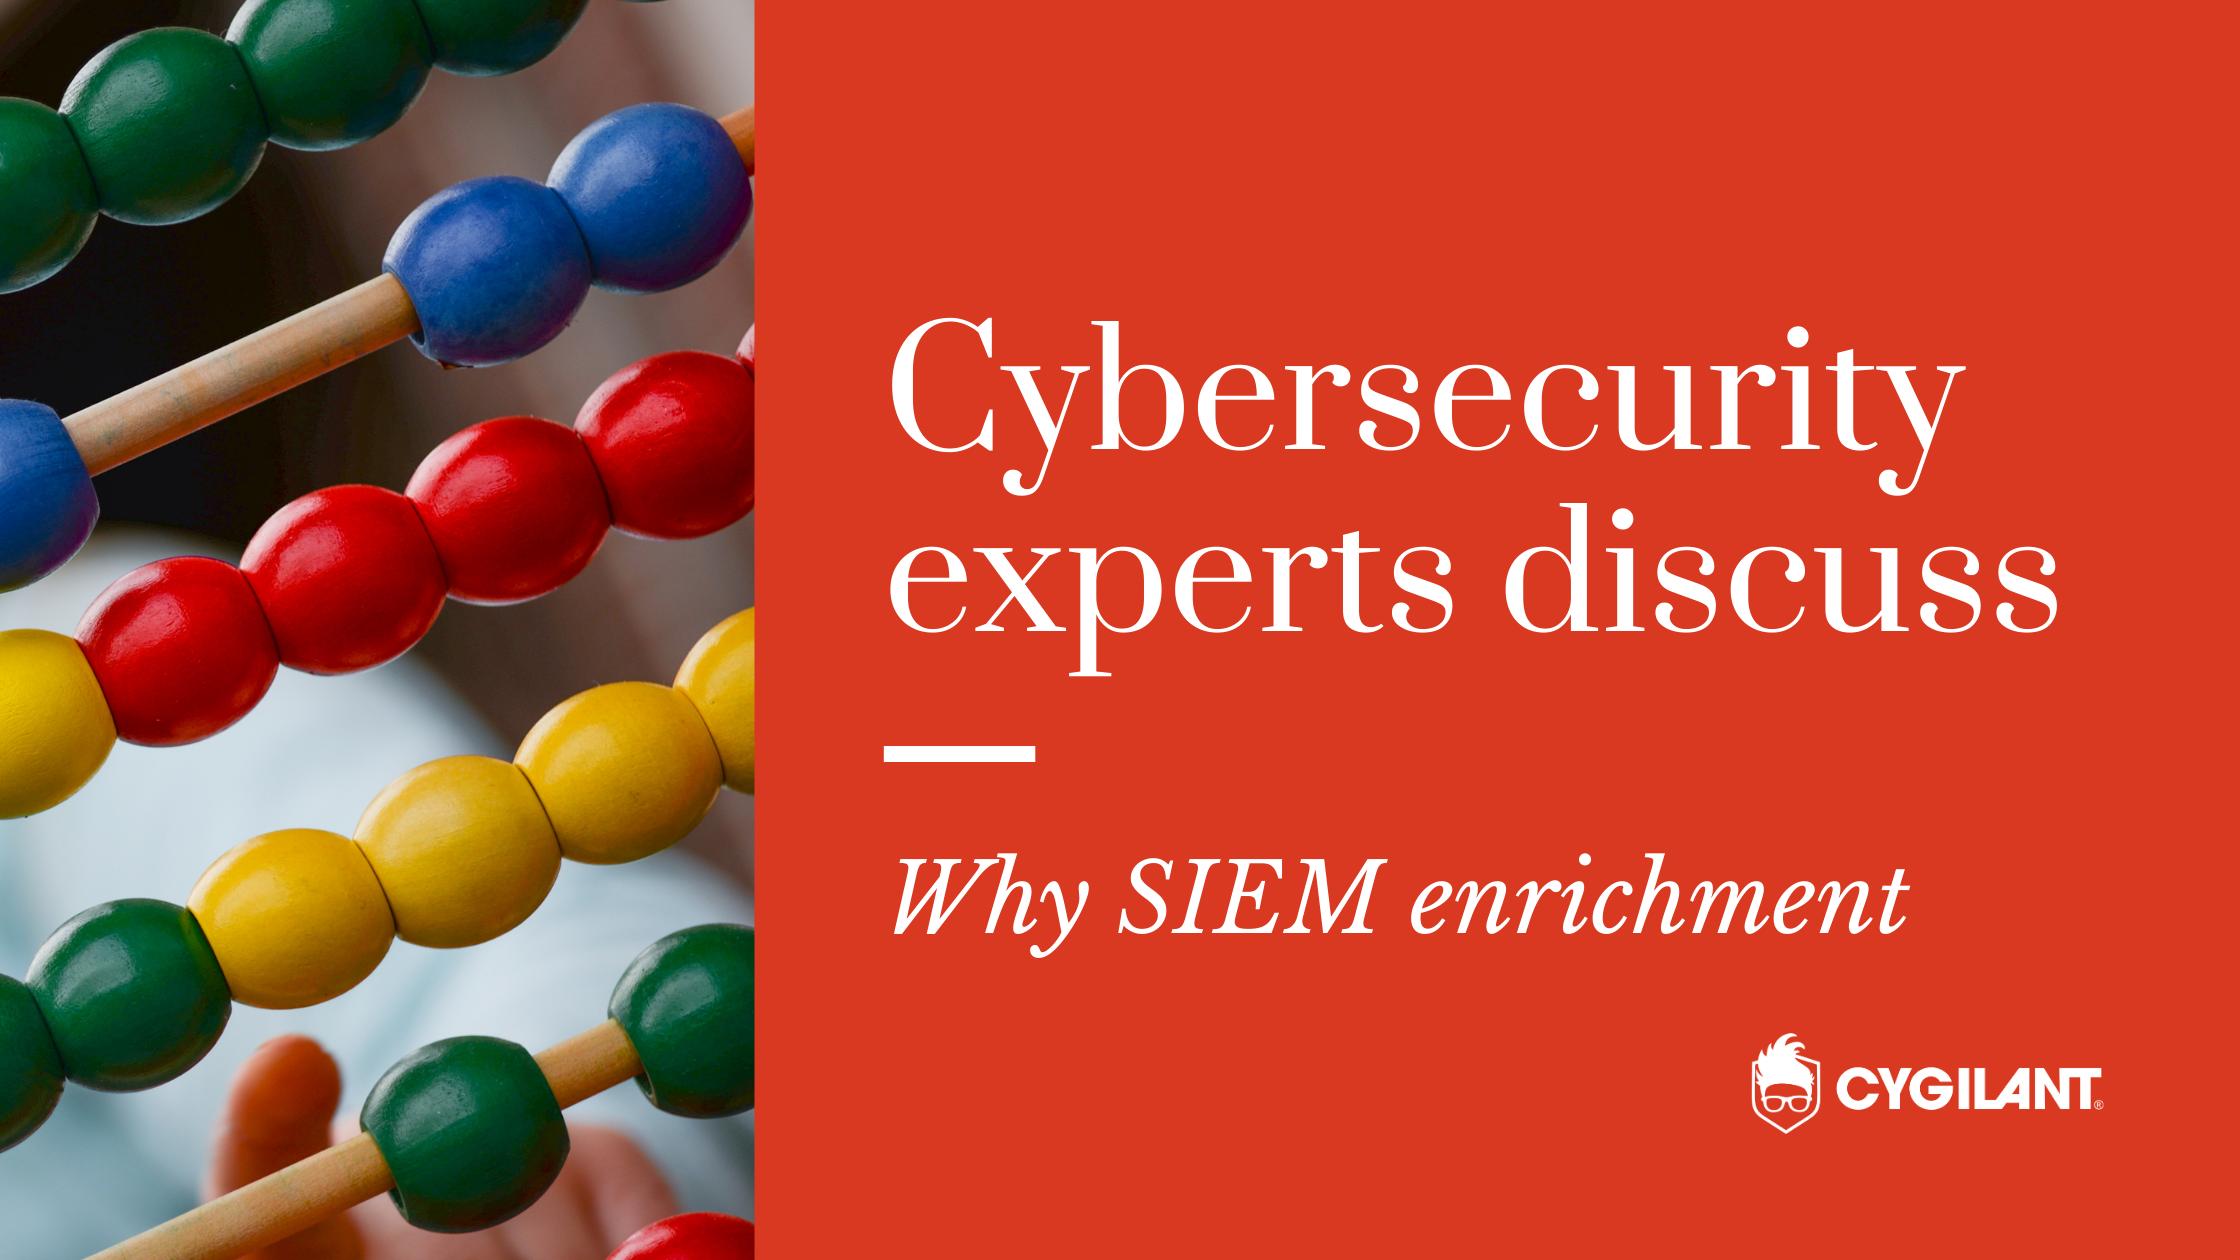 Why SIEM enrichment